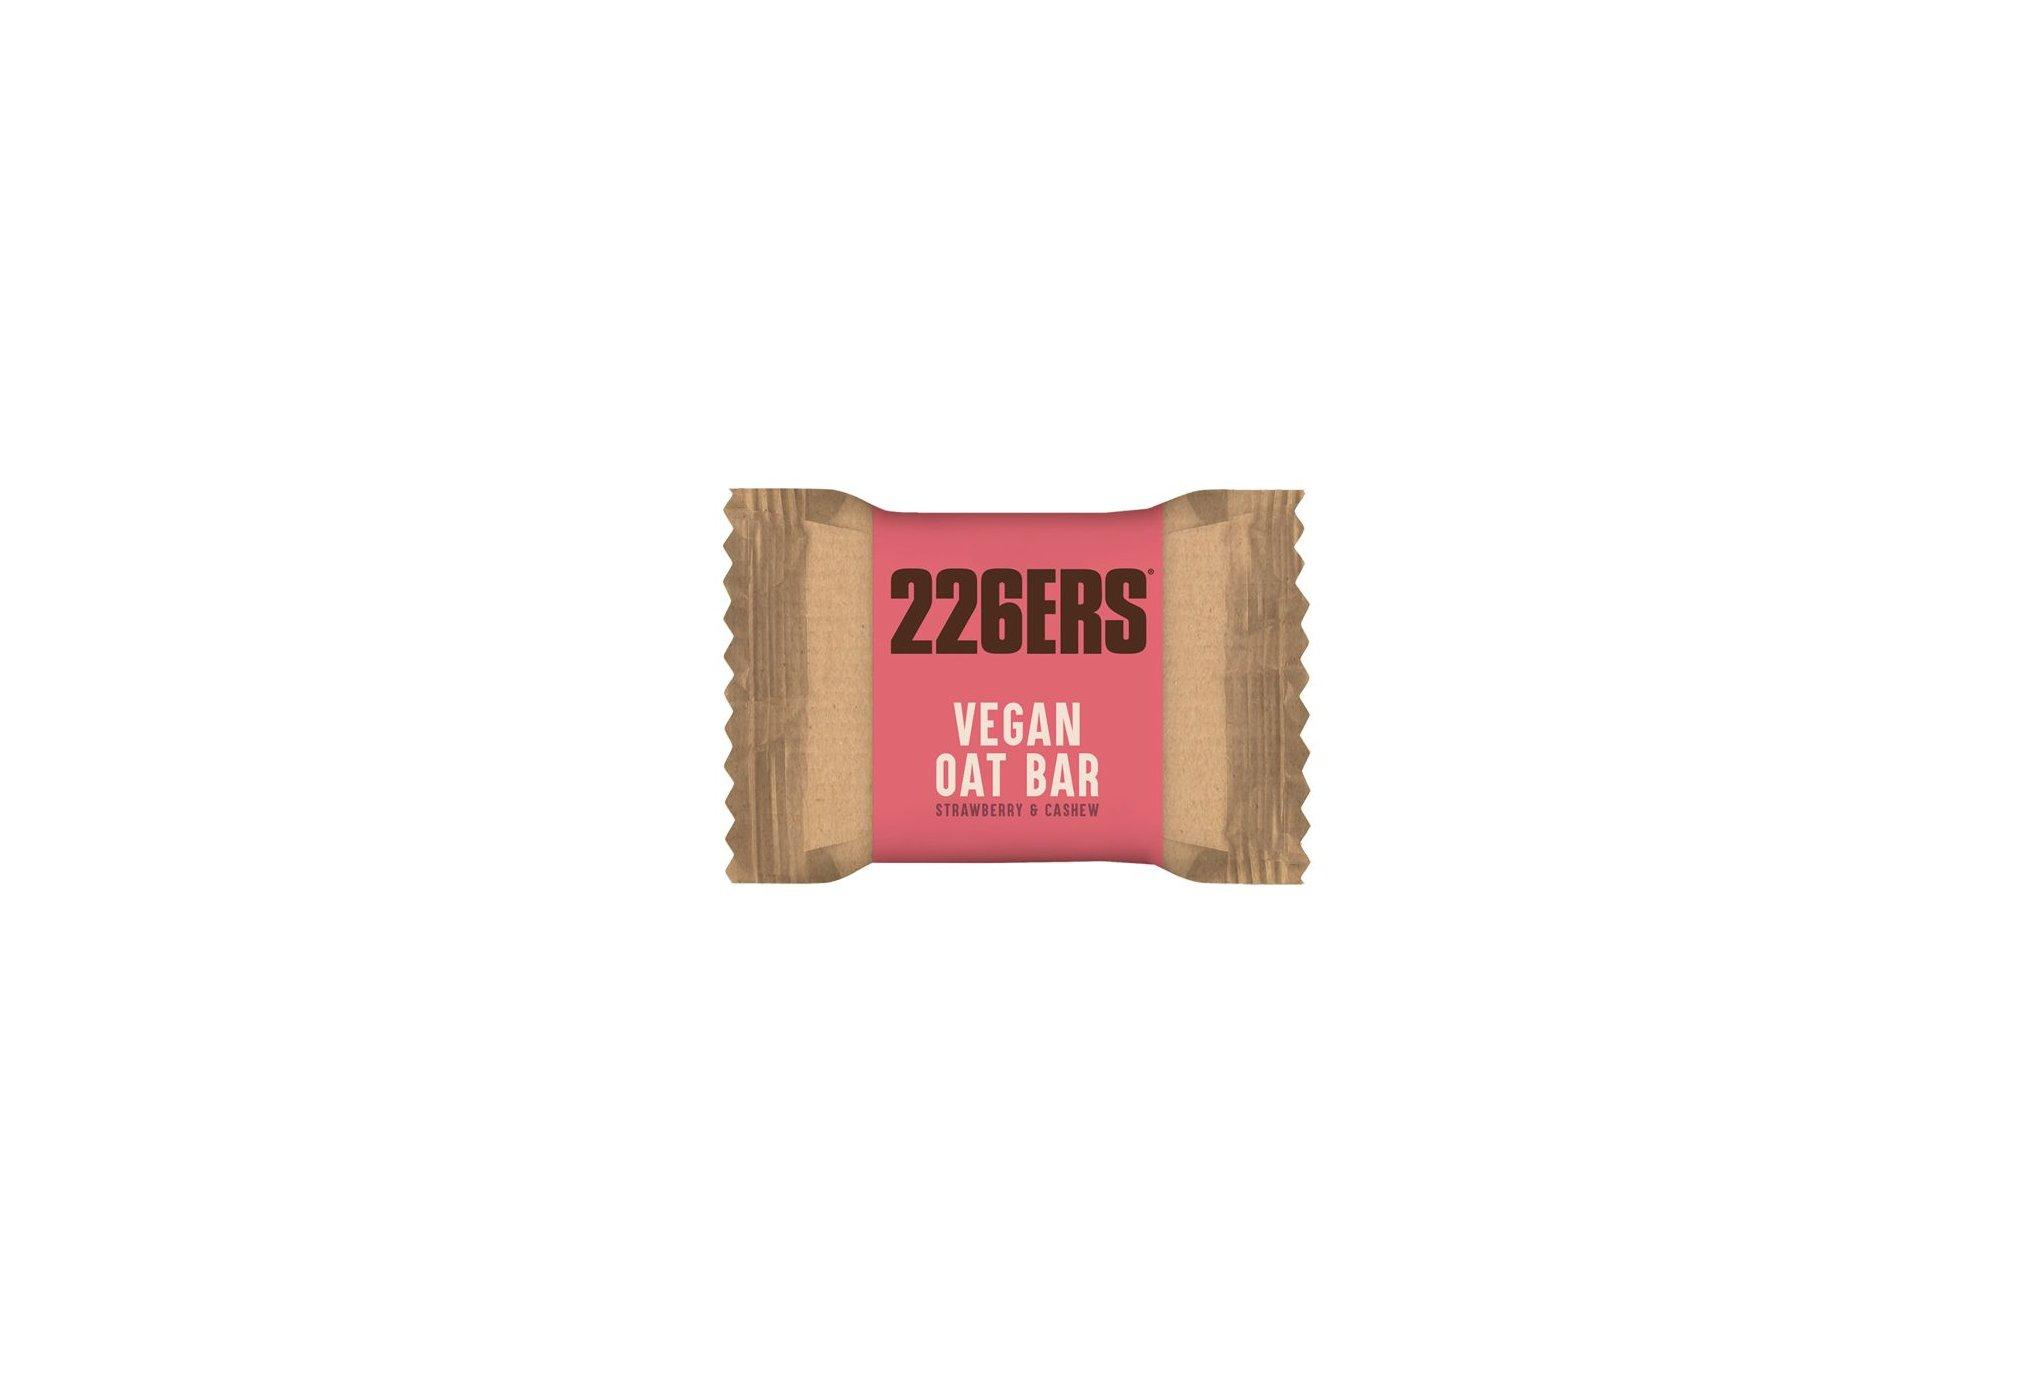 226ers Vegan OAT Bar - Fraise et noix de cajou Diététique Barres